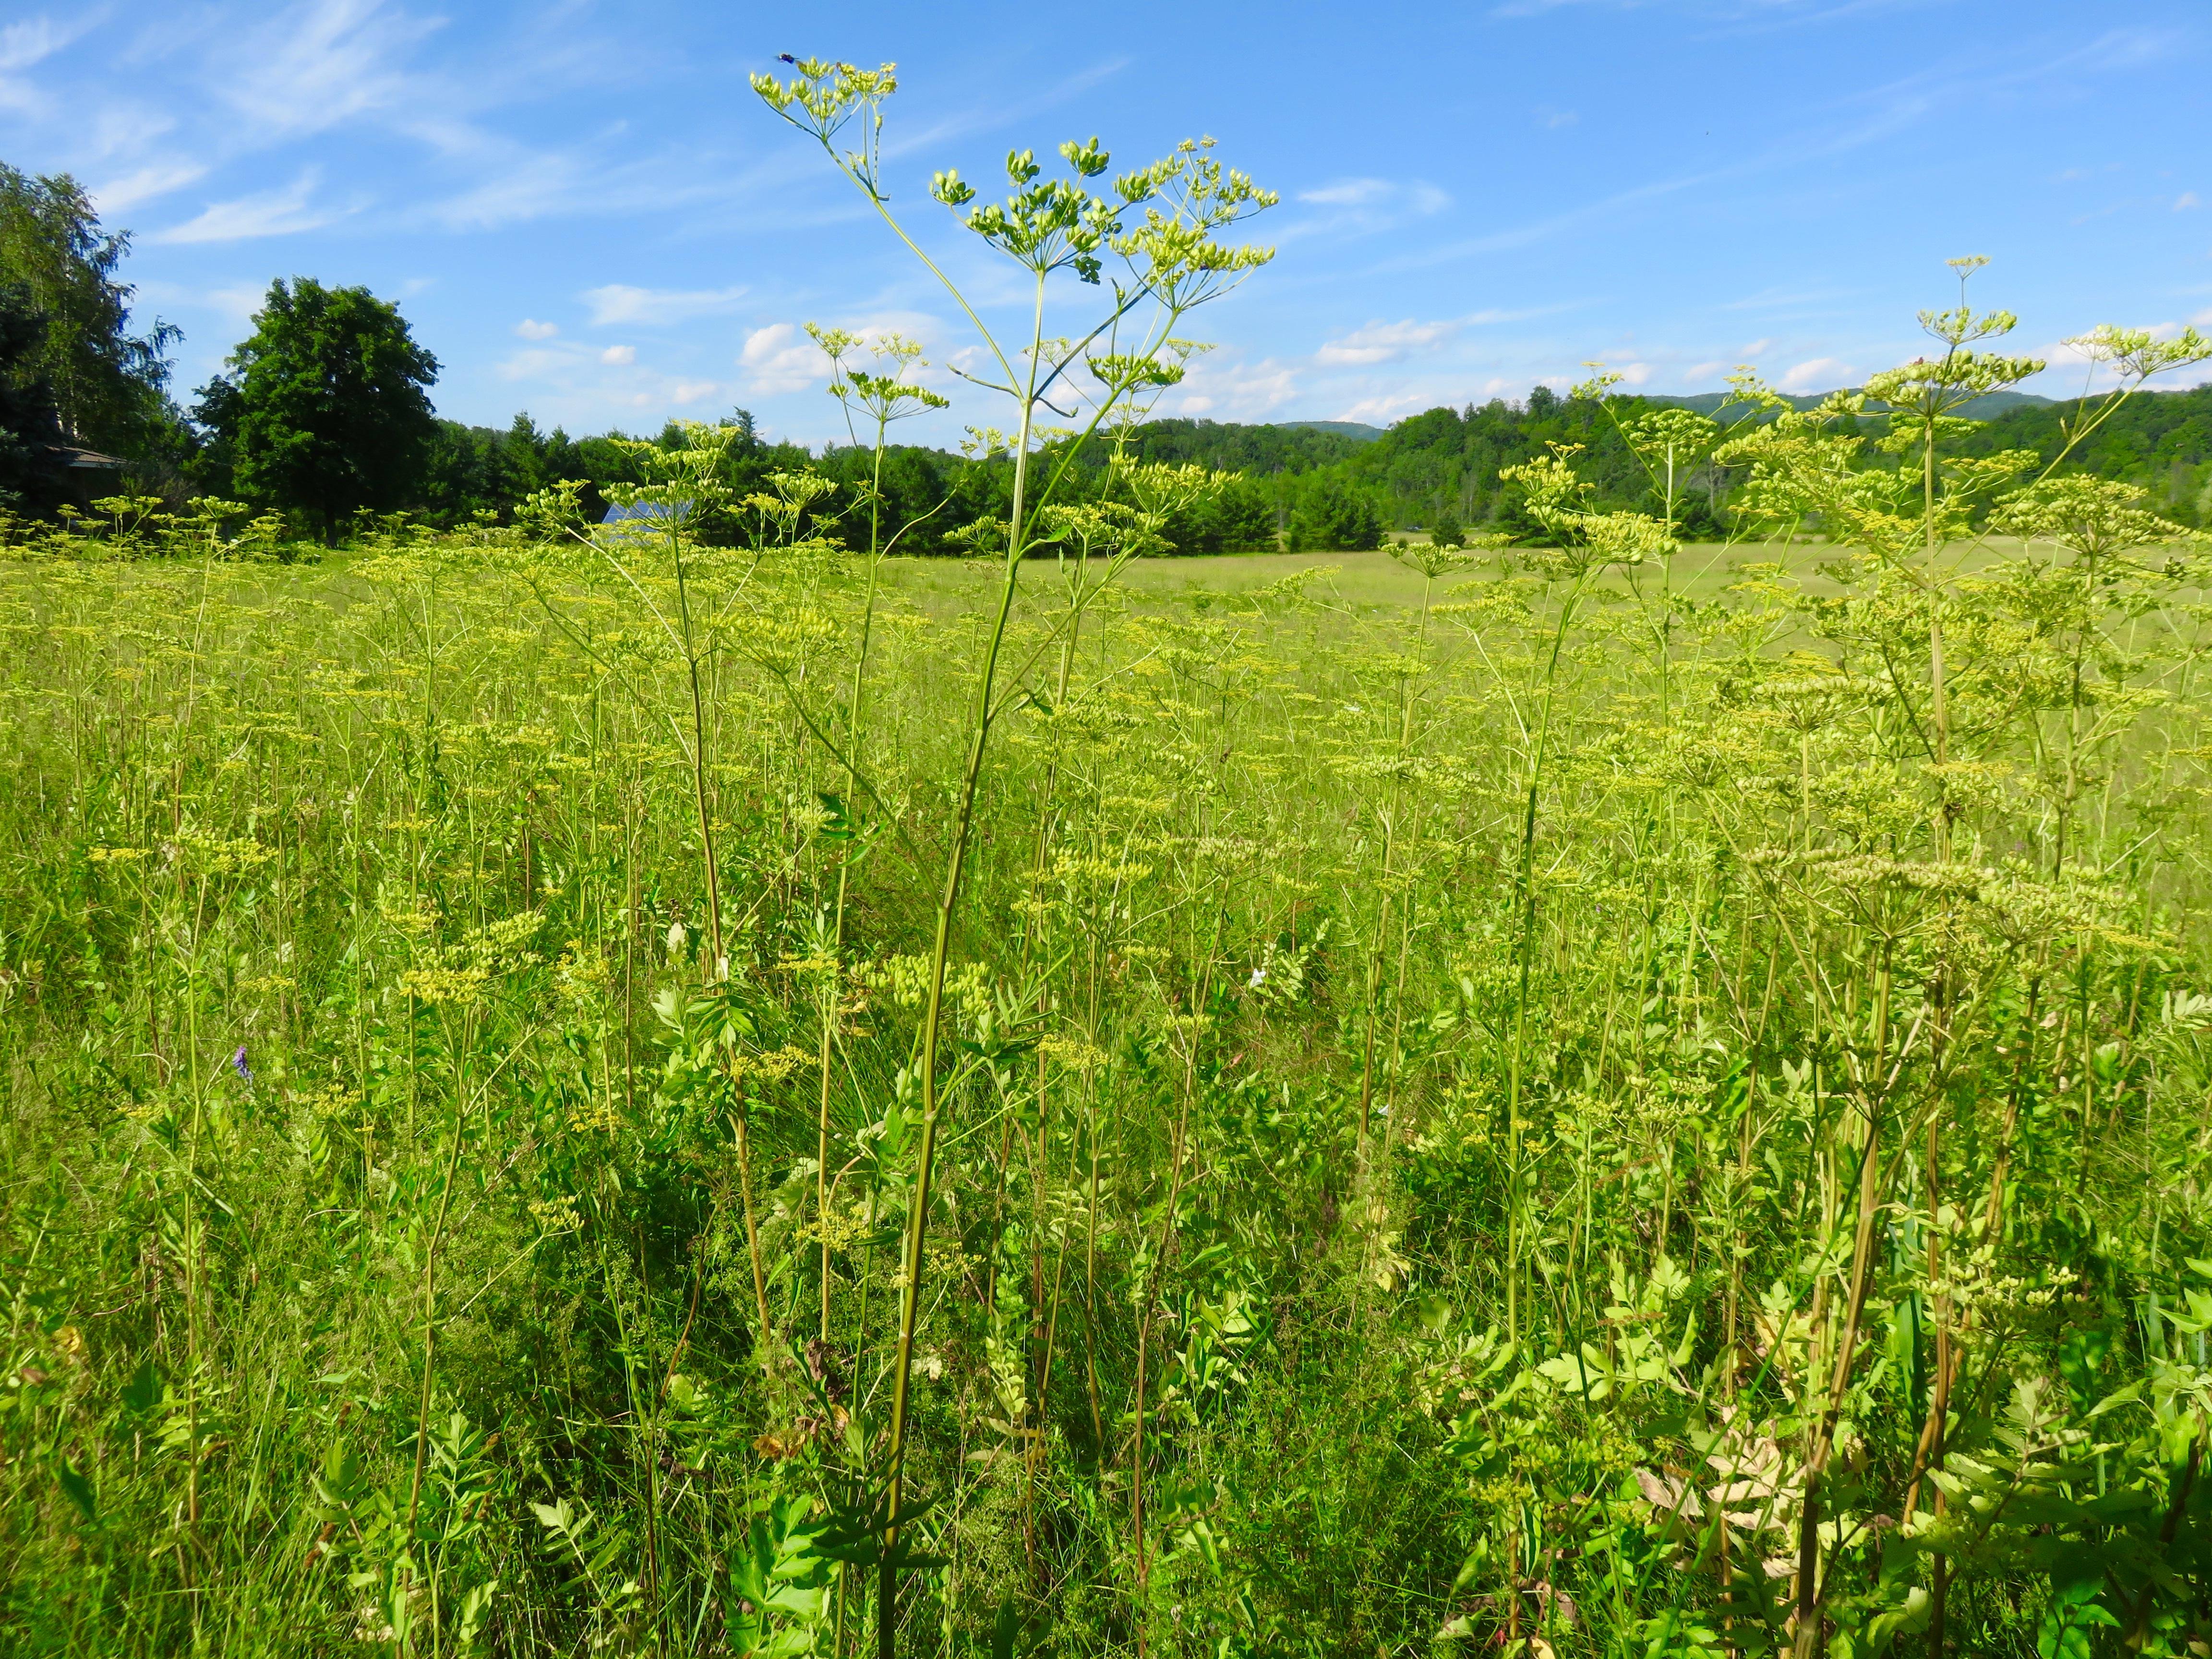 Wild parsnip - Pastinaca sativa 20